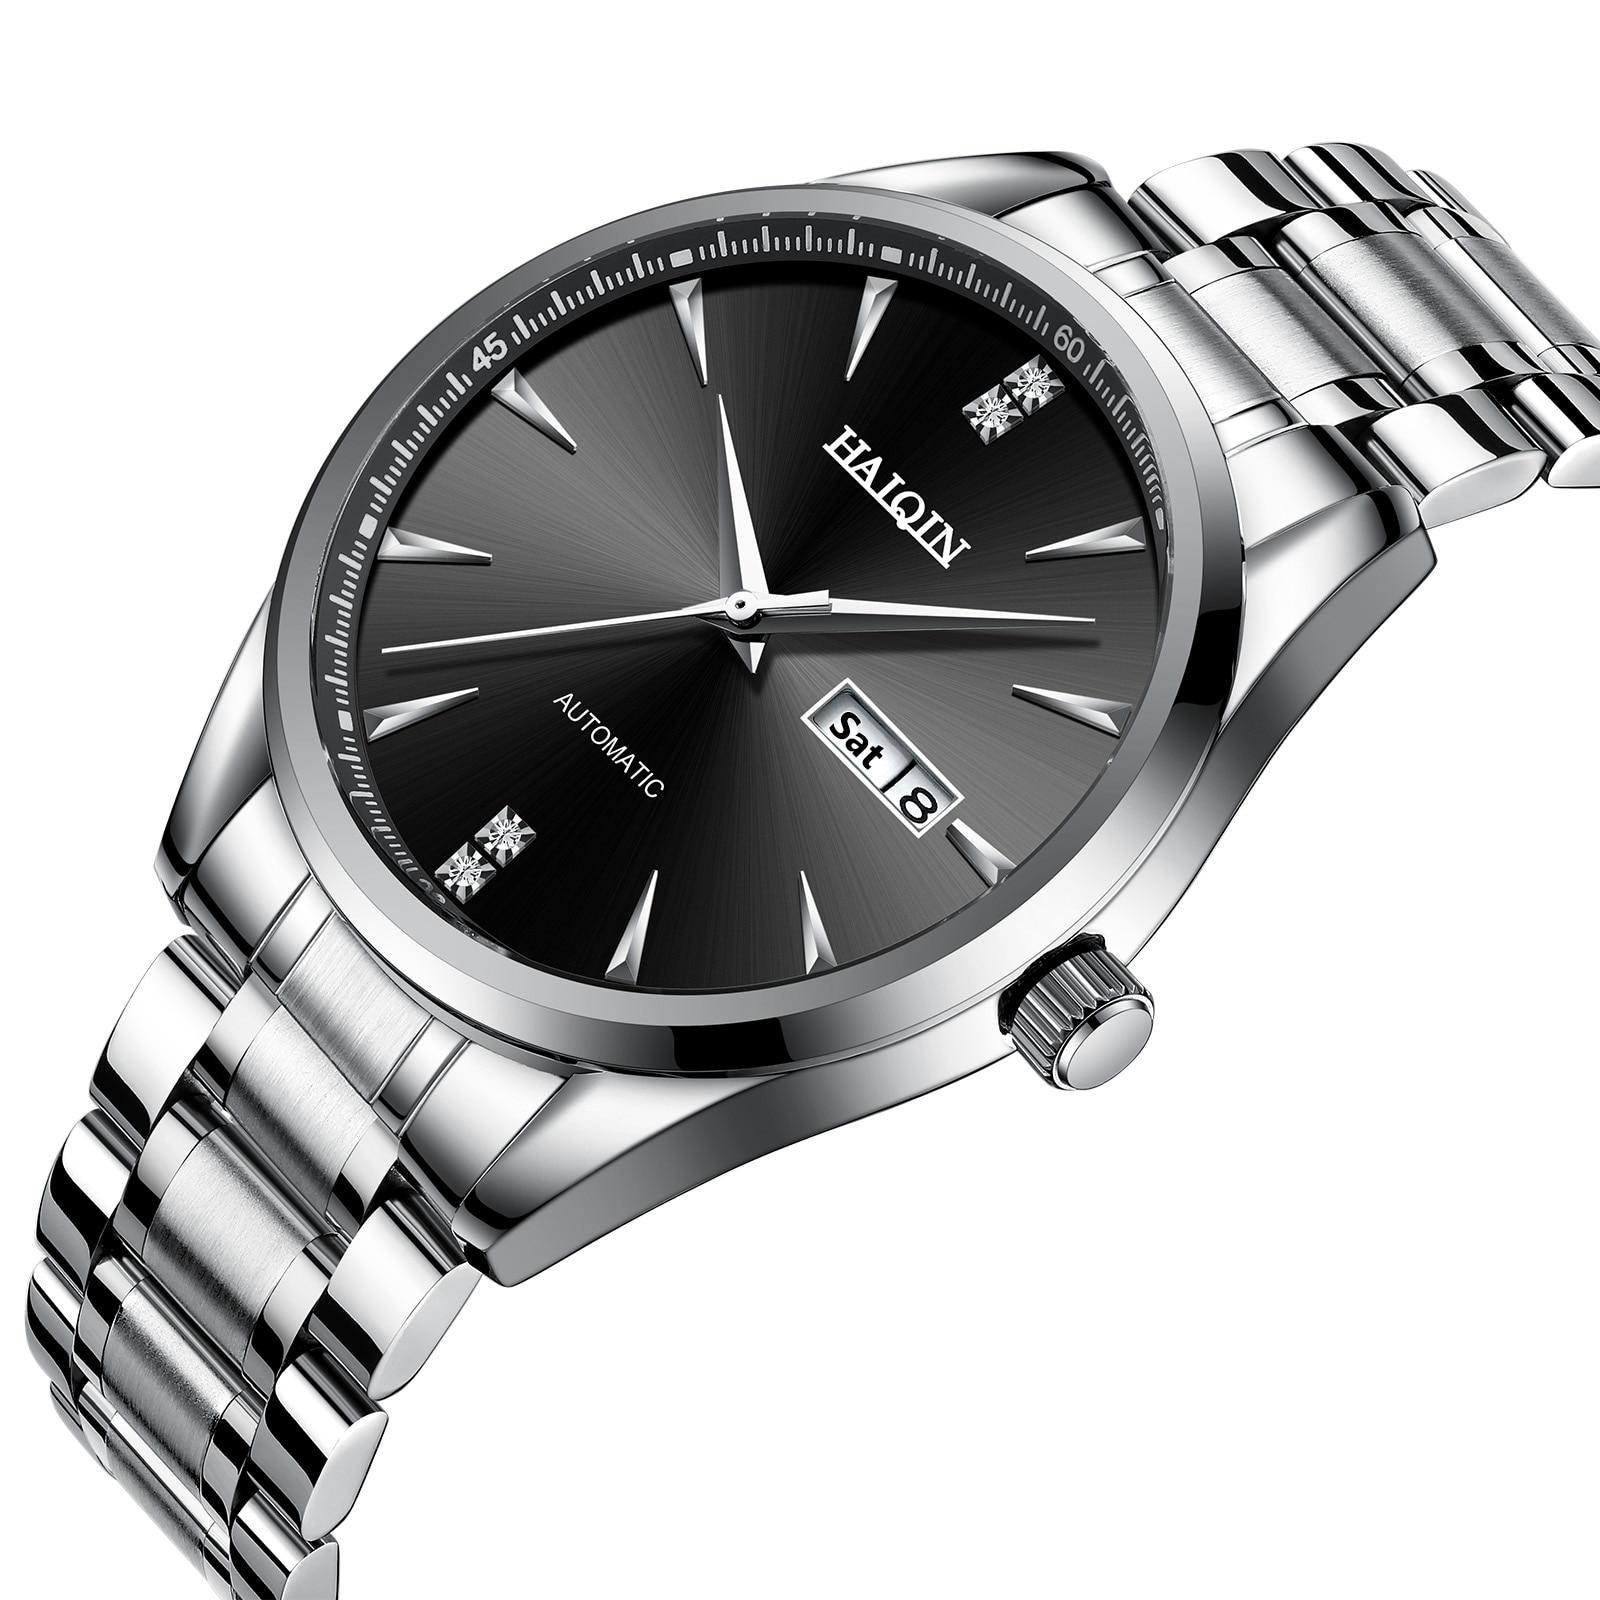 Montres mécaniques automatiques hommes HAIQIN décontracté en acier inoxydable étanche montre d'affaires montre-bracelet hommes relogio feminino